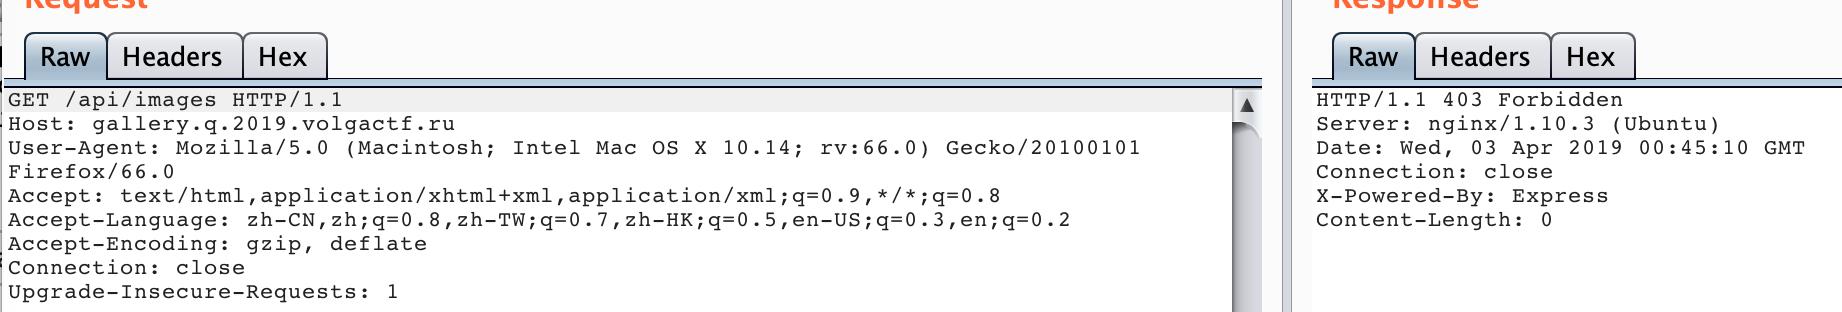 2CD29029-253F-4C33-AB17-48ED2554C4D9.png